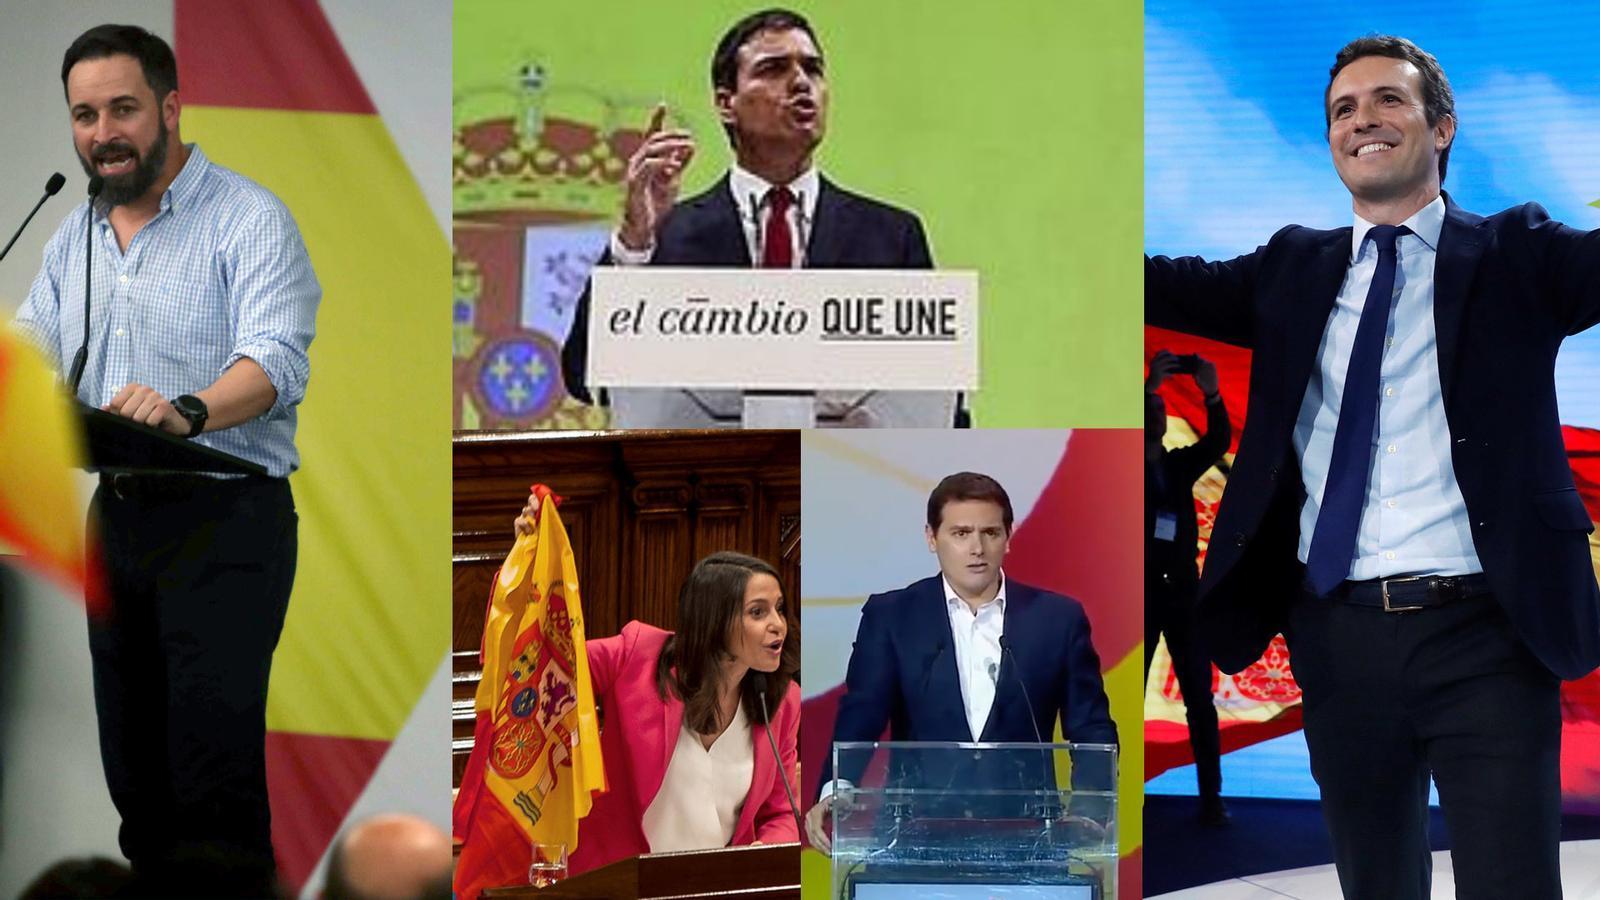 L'anàlisi d'Antoni Bassas:'Casado i la pesta del nacionalisme'